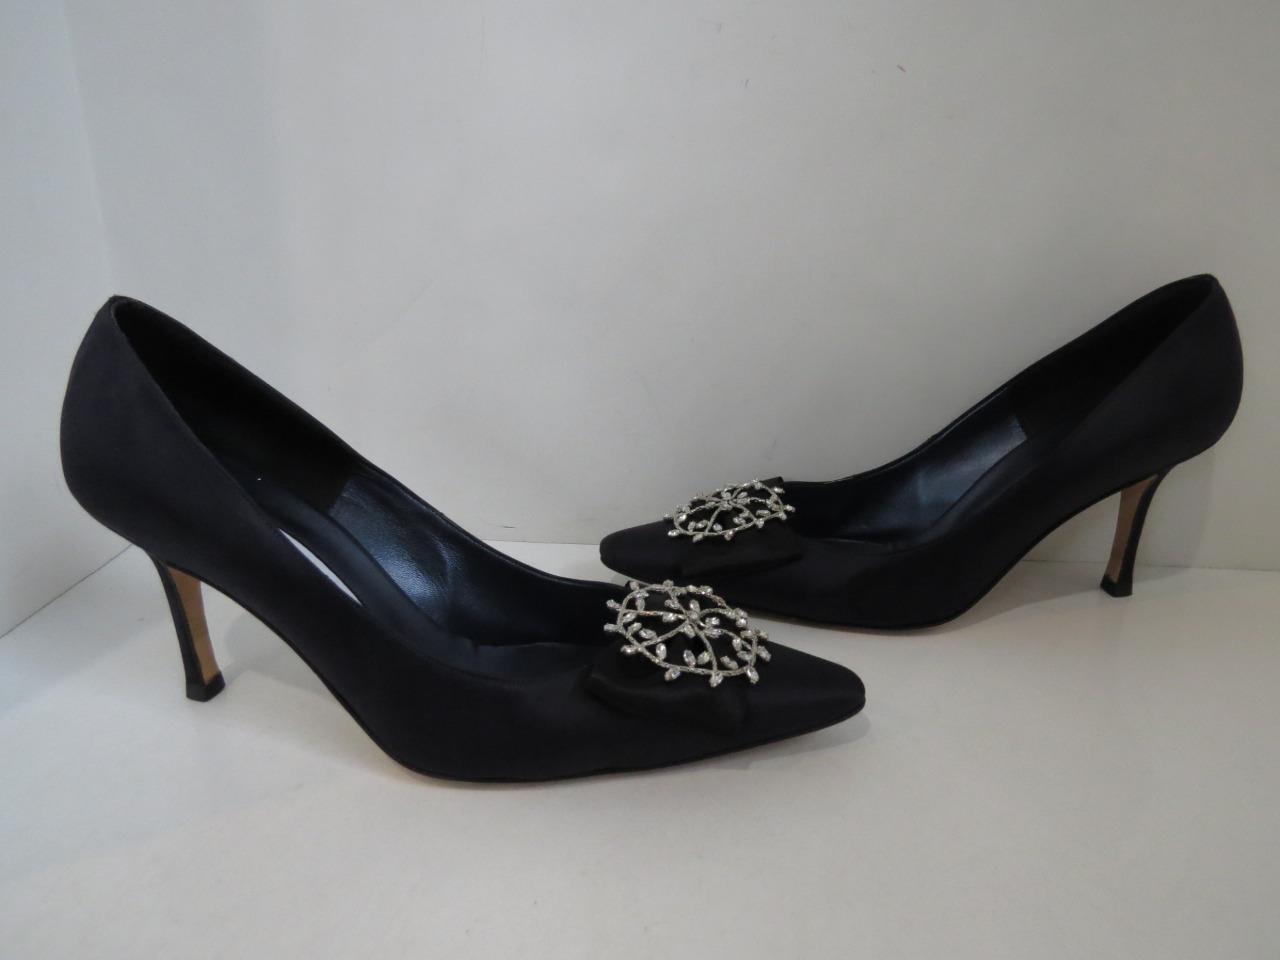 autorizzazione ufficiale Manolo Manolo Manolo Blahnik Midnight Satin Pumps w Bow & Crystal Brooch Heels scarpe Dimensione 40  design semplice e generoso